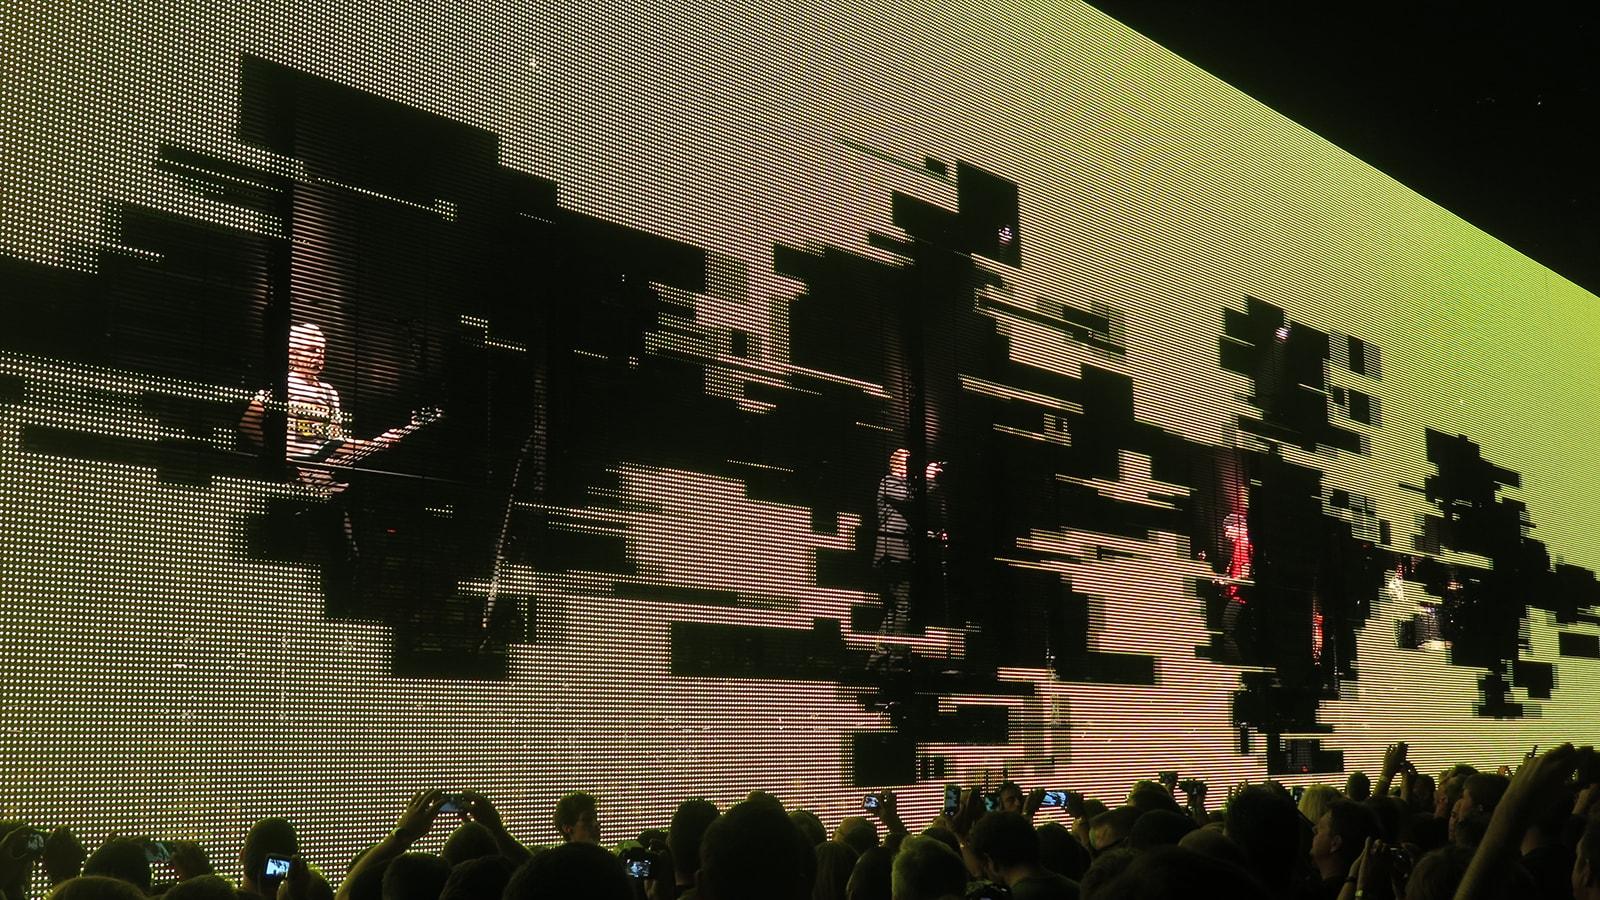 U2 iNNOCENCE + eXPERIENCE TOUR